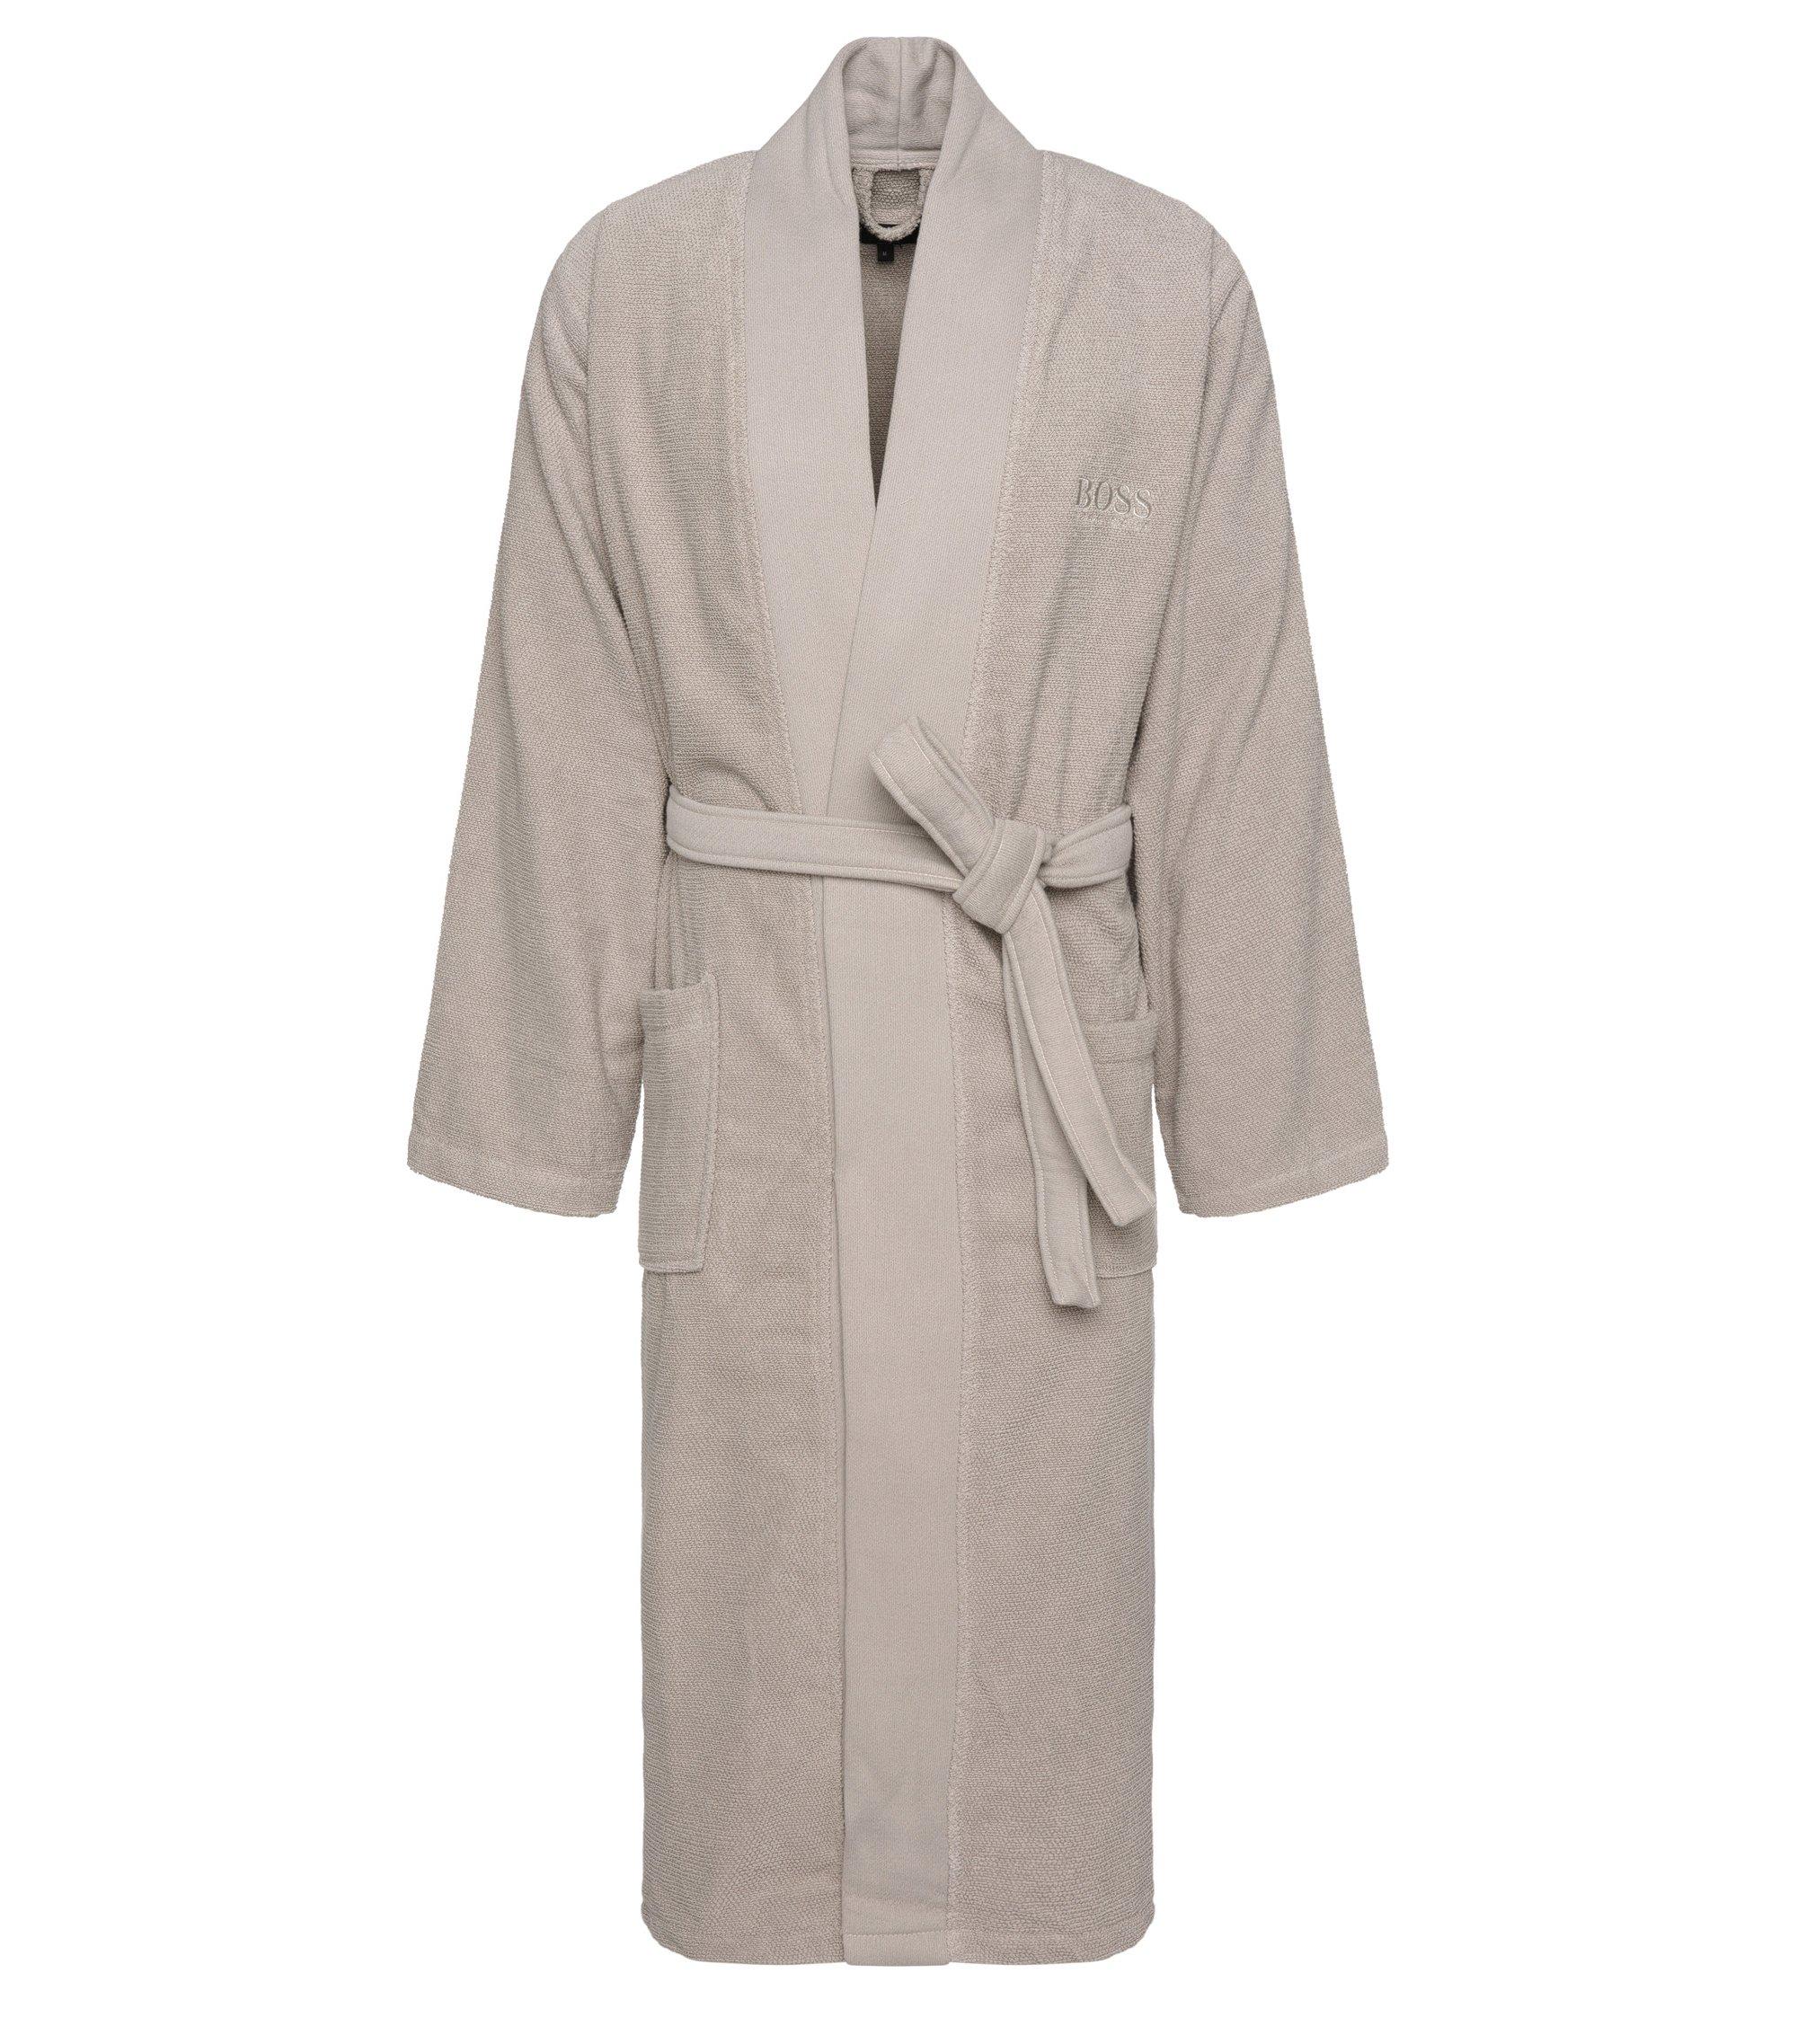 Accappatoio stile kimono in cotone egeo pettinato, Beige chiaro